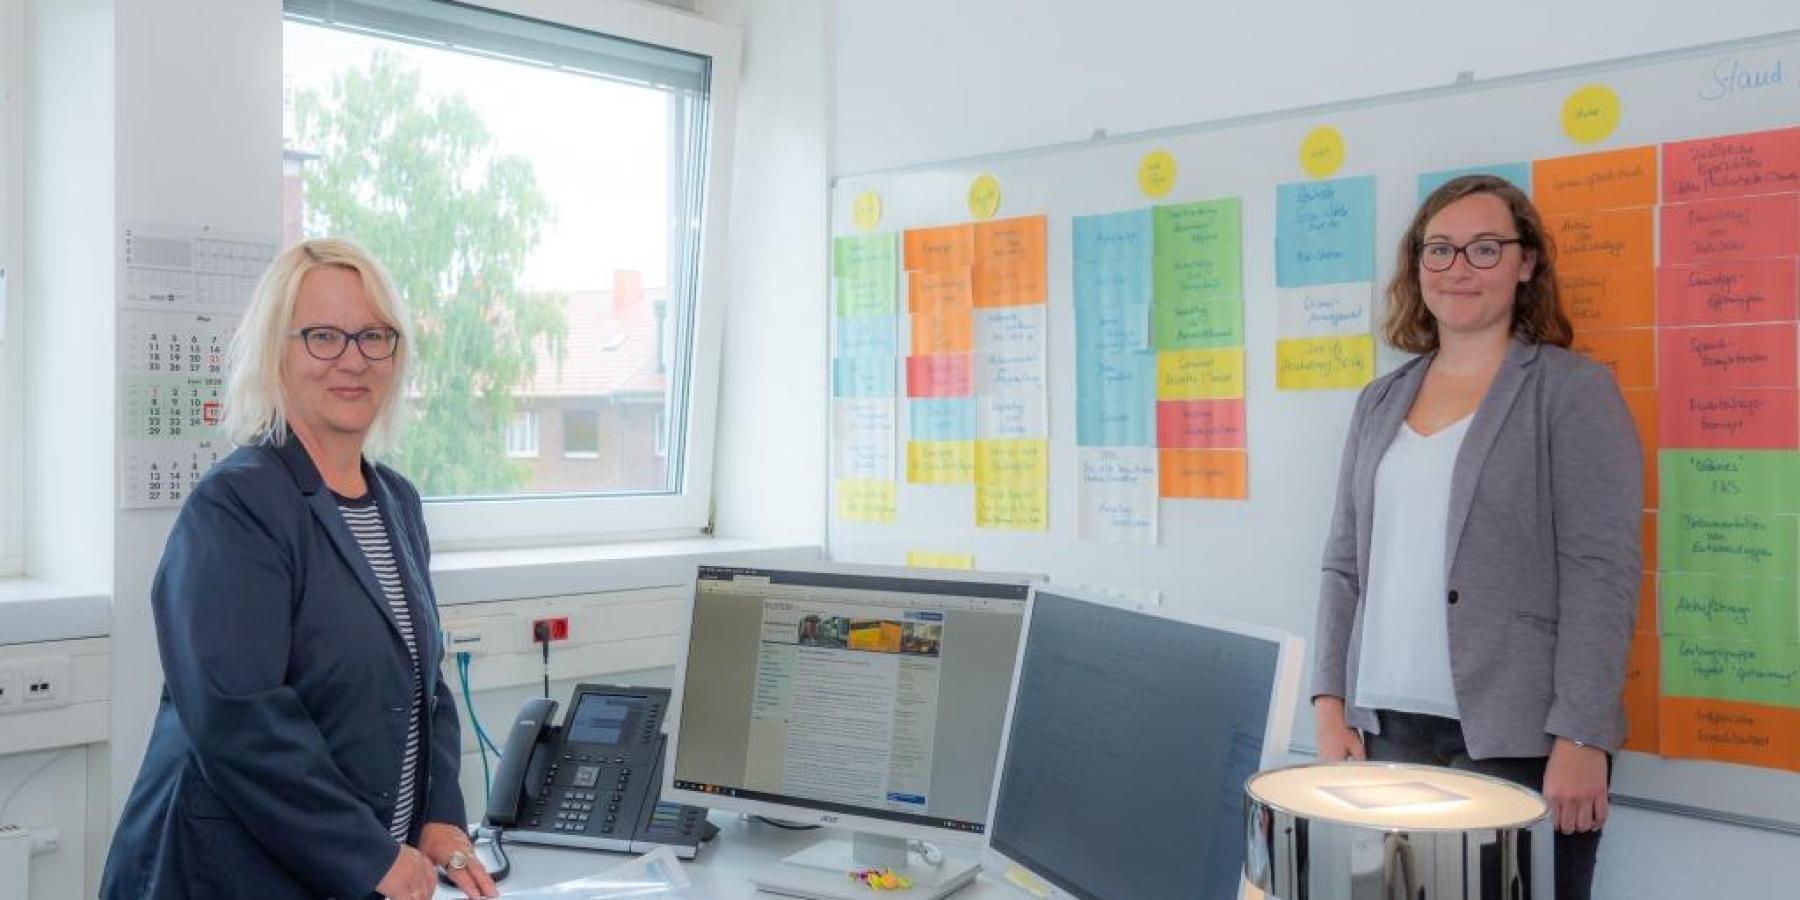 Ausländeramt setzt auf digitale Information und  Willkommenskultur vor Ort